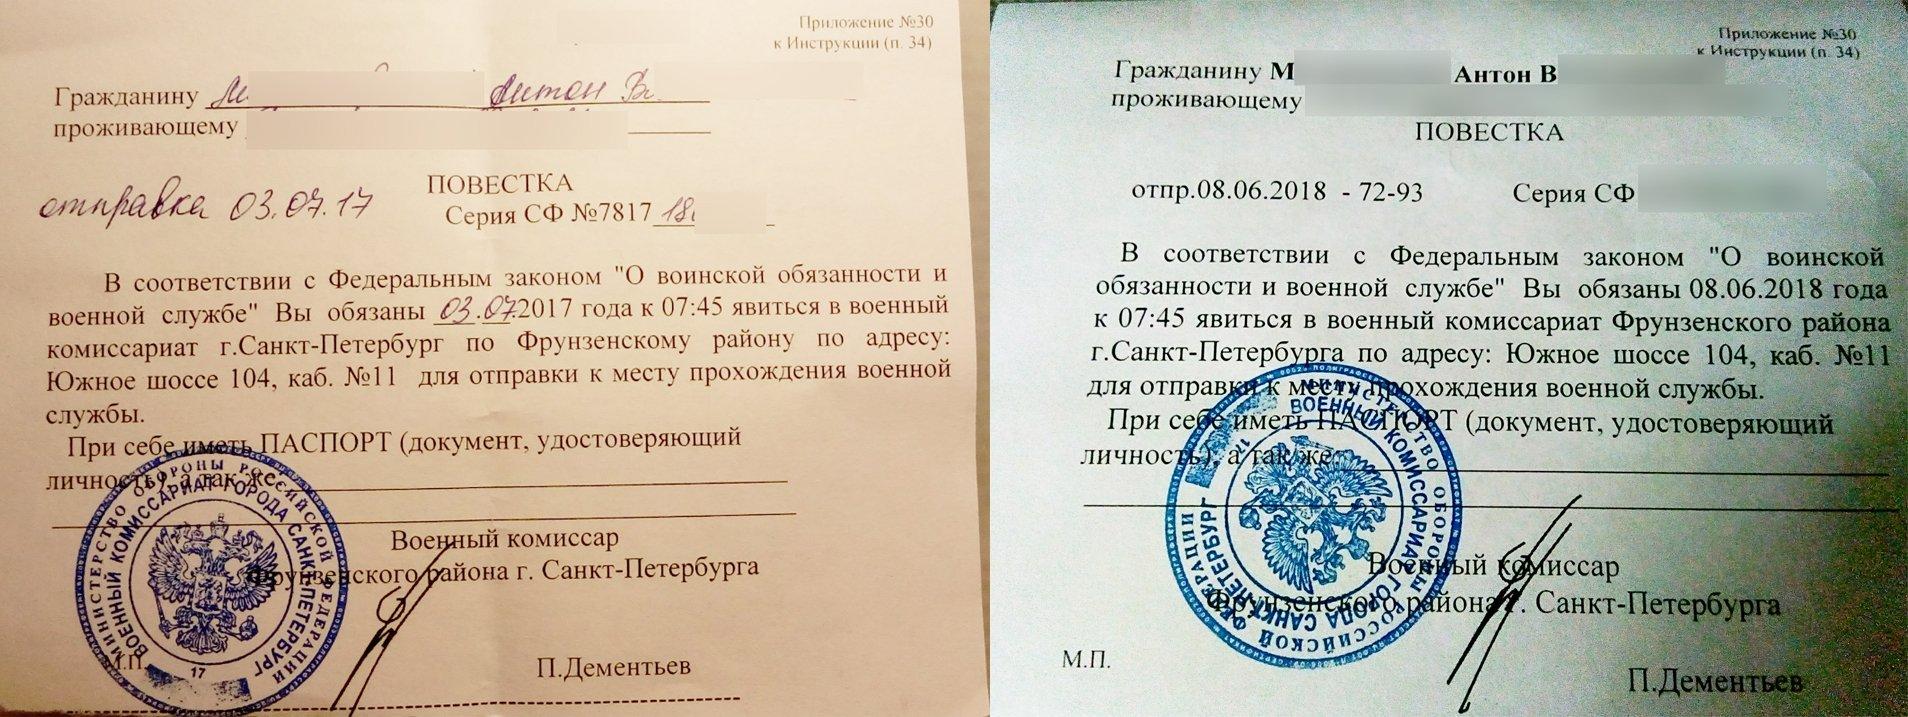 Антон М - повестка на отправку